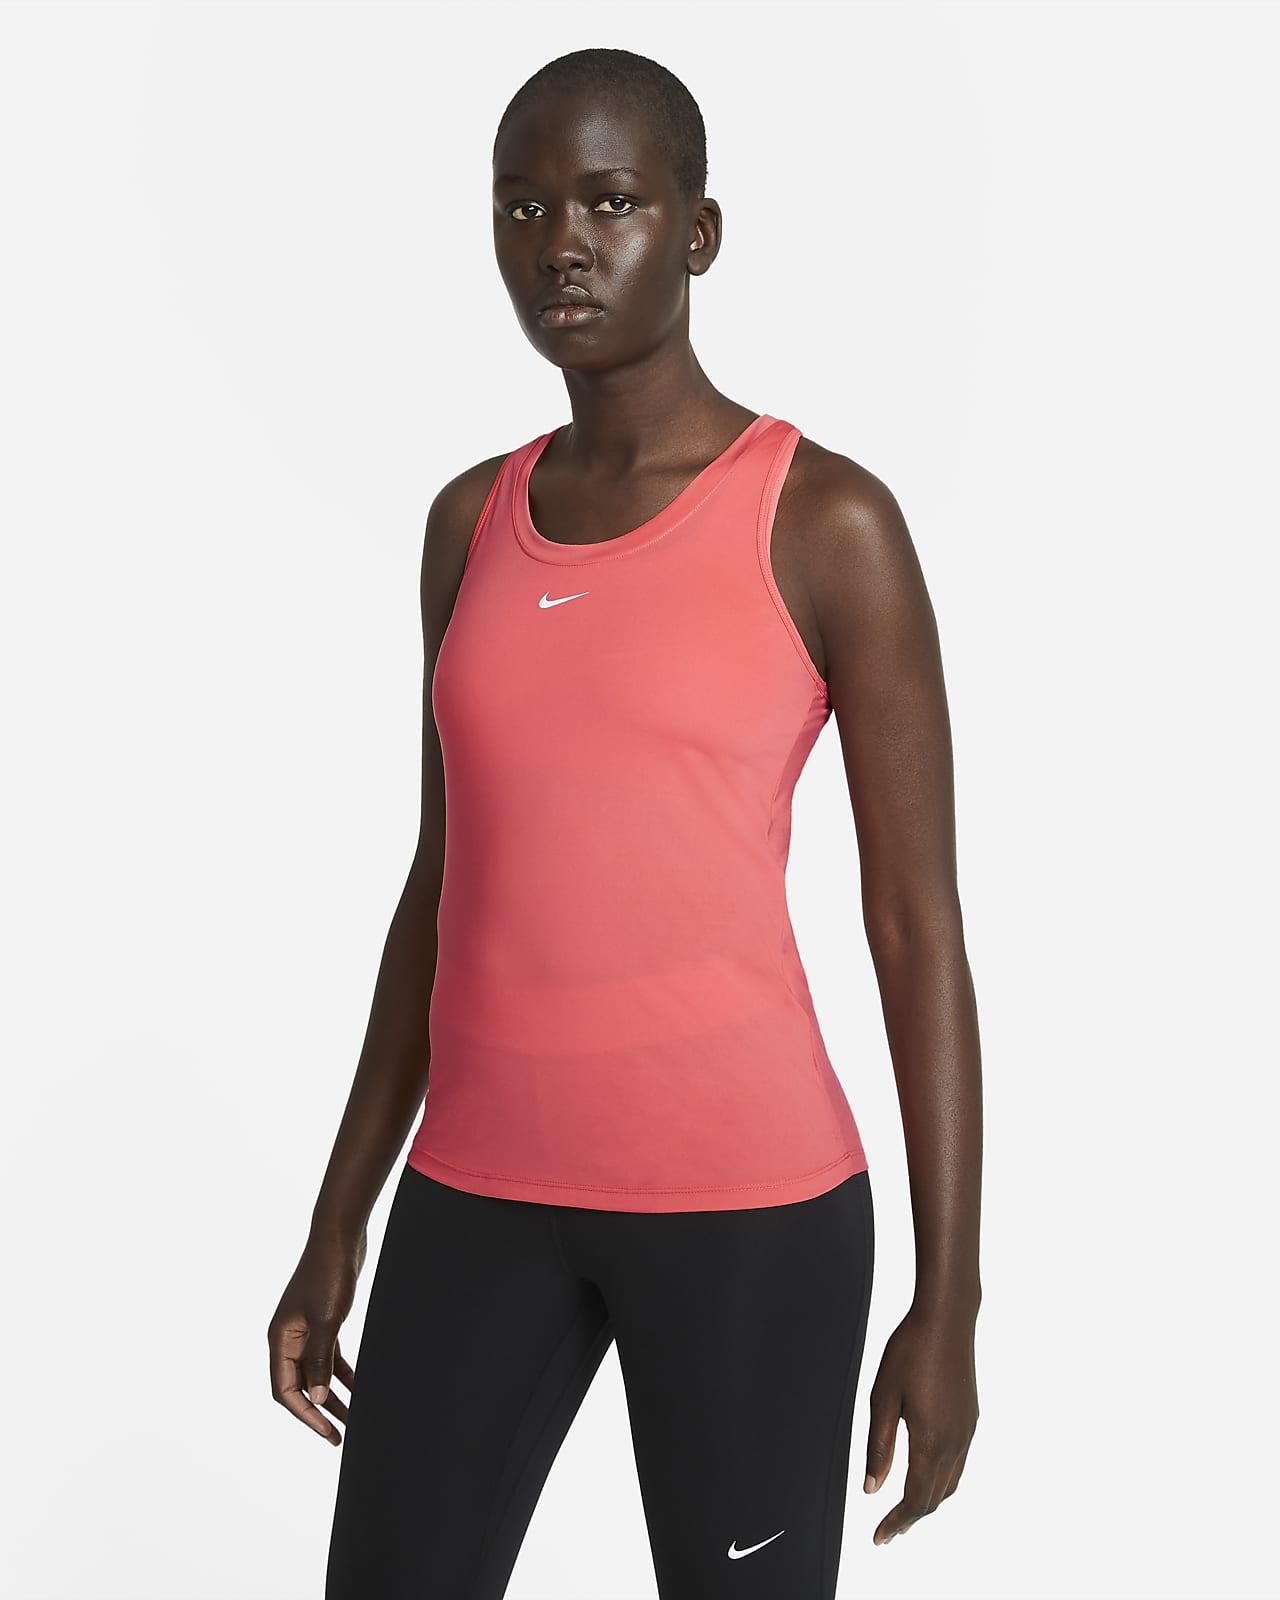 Nike Dri-FIT One Tankop in schmaler Passform für Damen